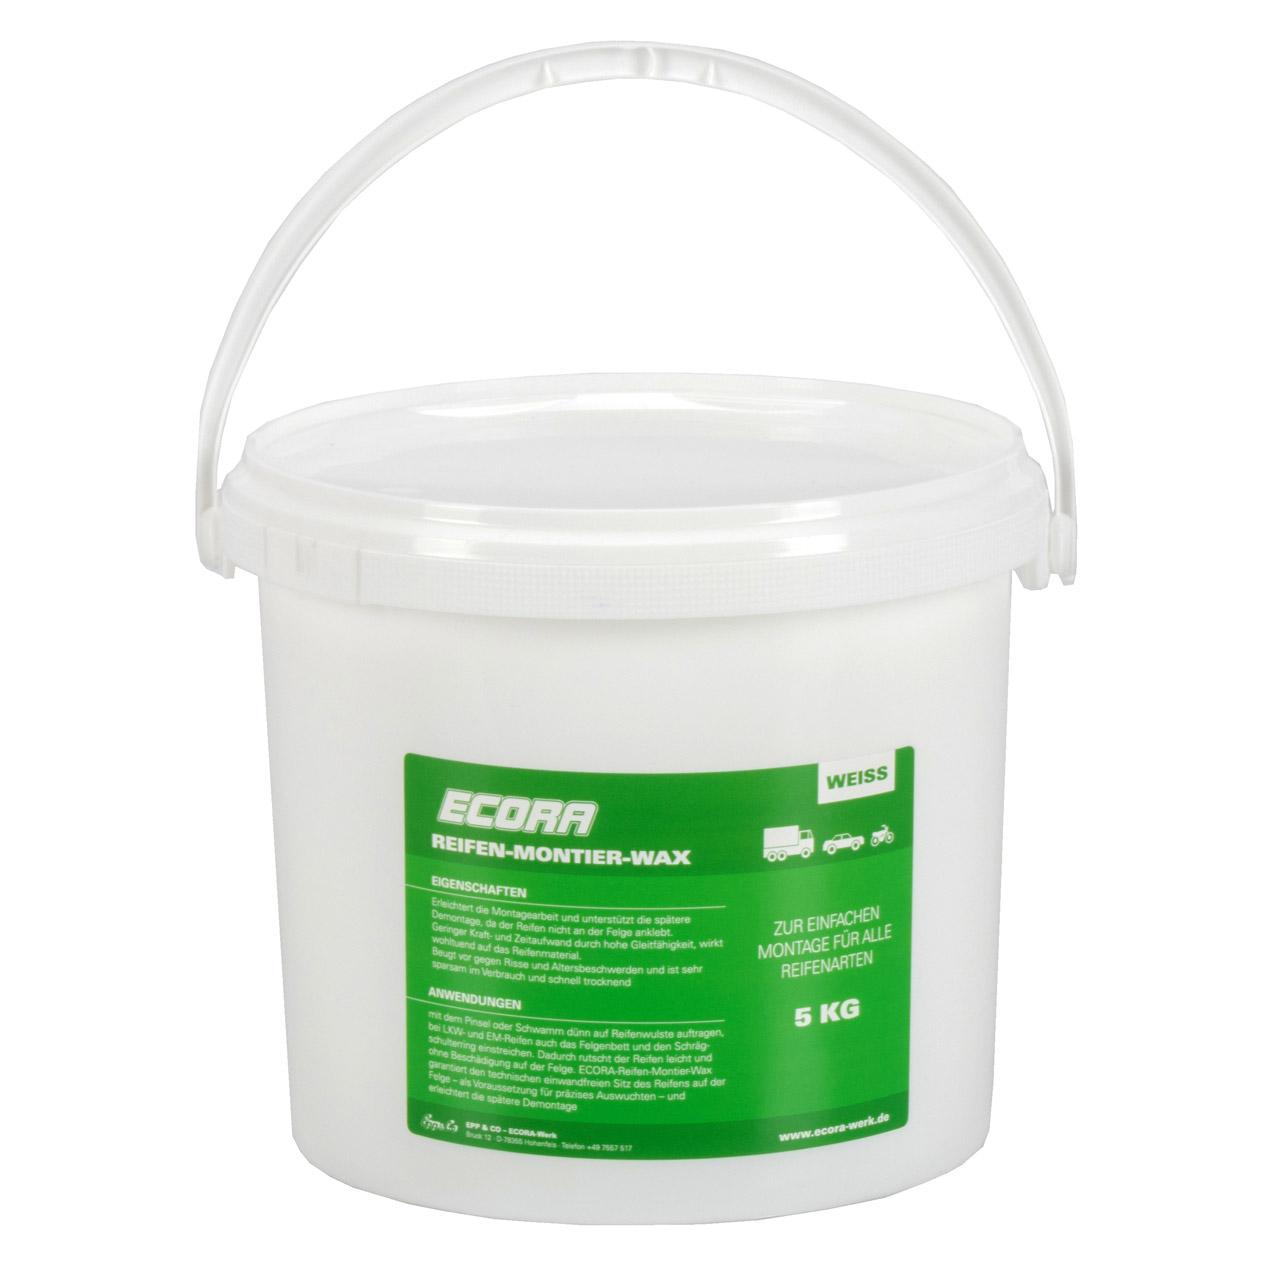 ECORA Reifen-Montier-Wax Reifenmontagepaste Reifenmontage Wachs WEIß 5 kg + Pinsel